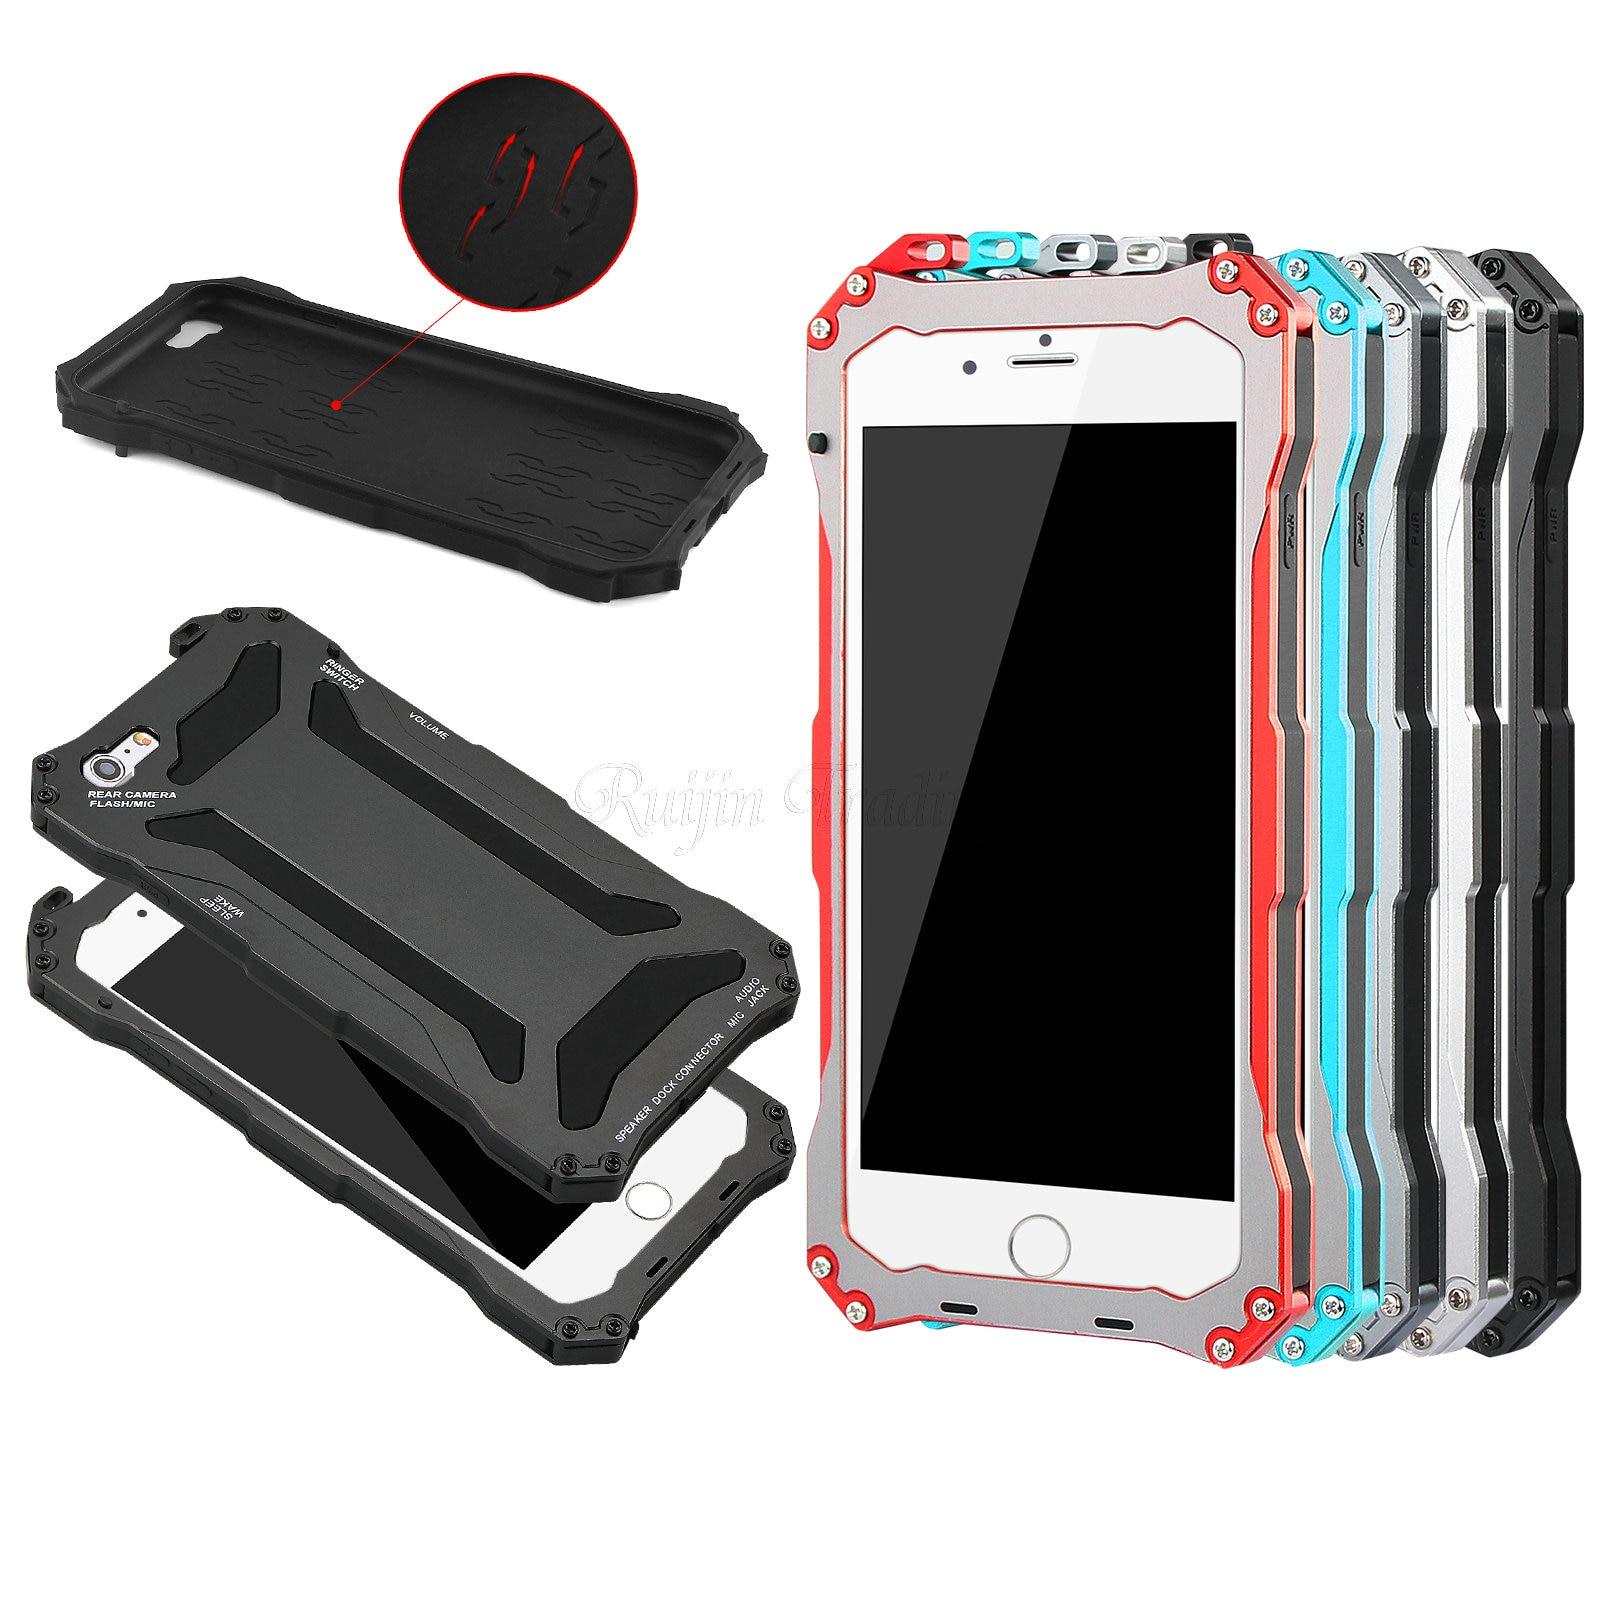 bilder für Luxury Stoßfest Wasserdicht Metallkasten Für iPhone 5 5 6 6 s Plus Schirm-schützender Gorilla Glas Aluminium Heavy Duty Rüstung abdeckung